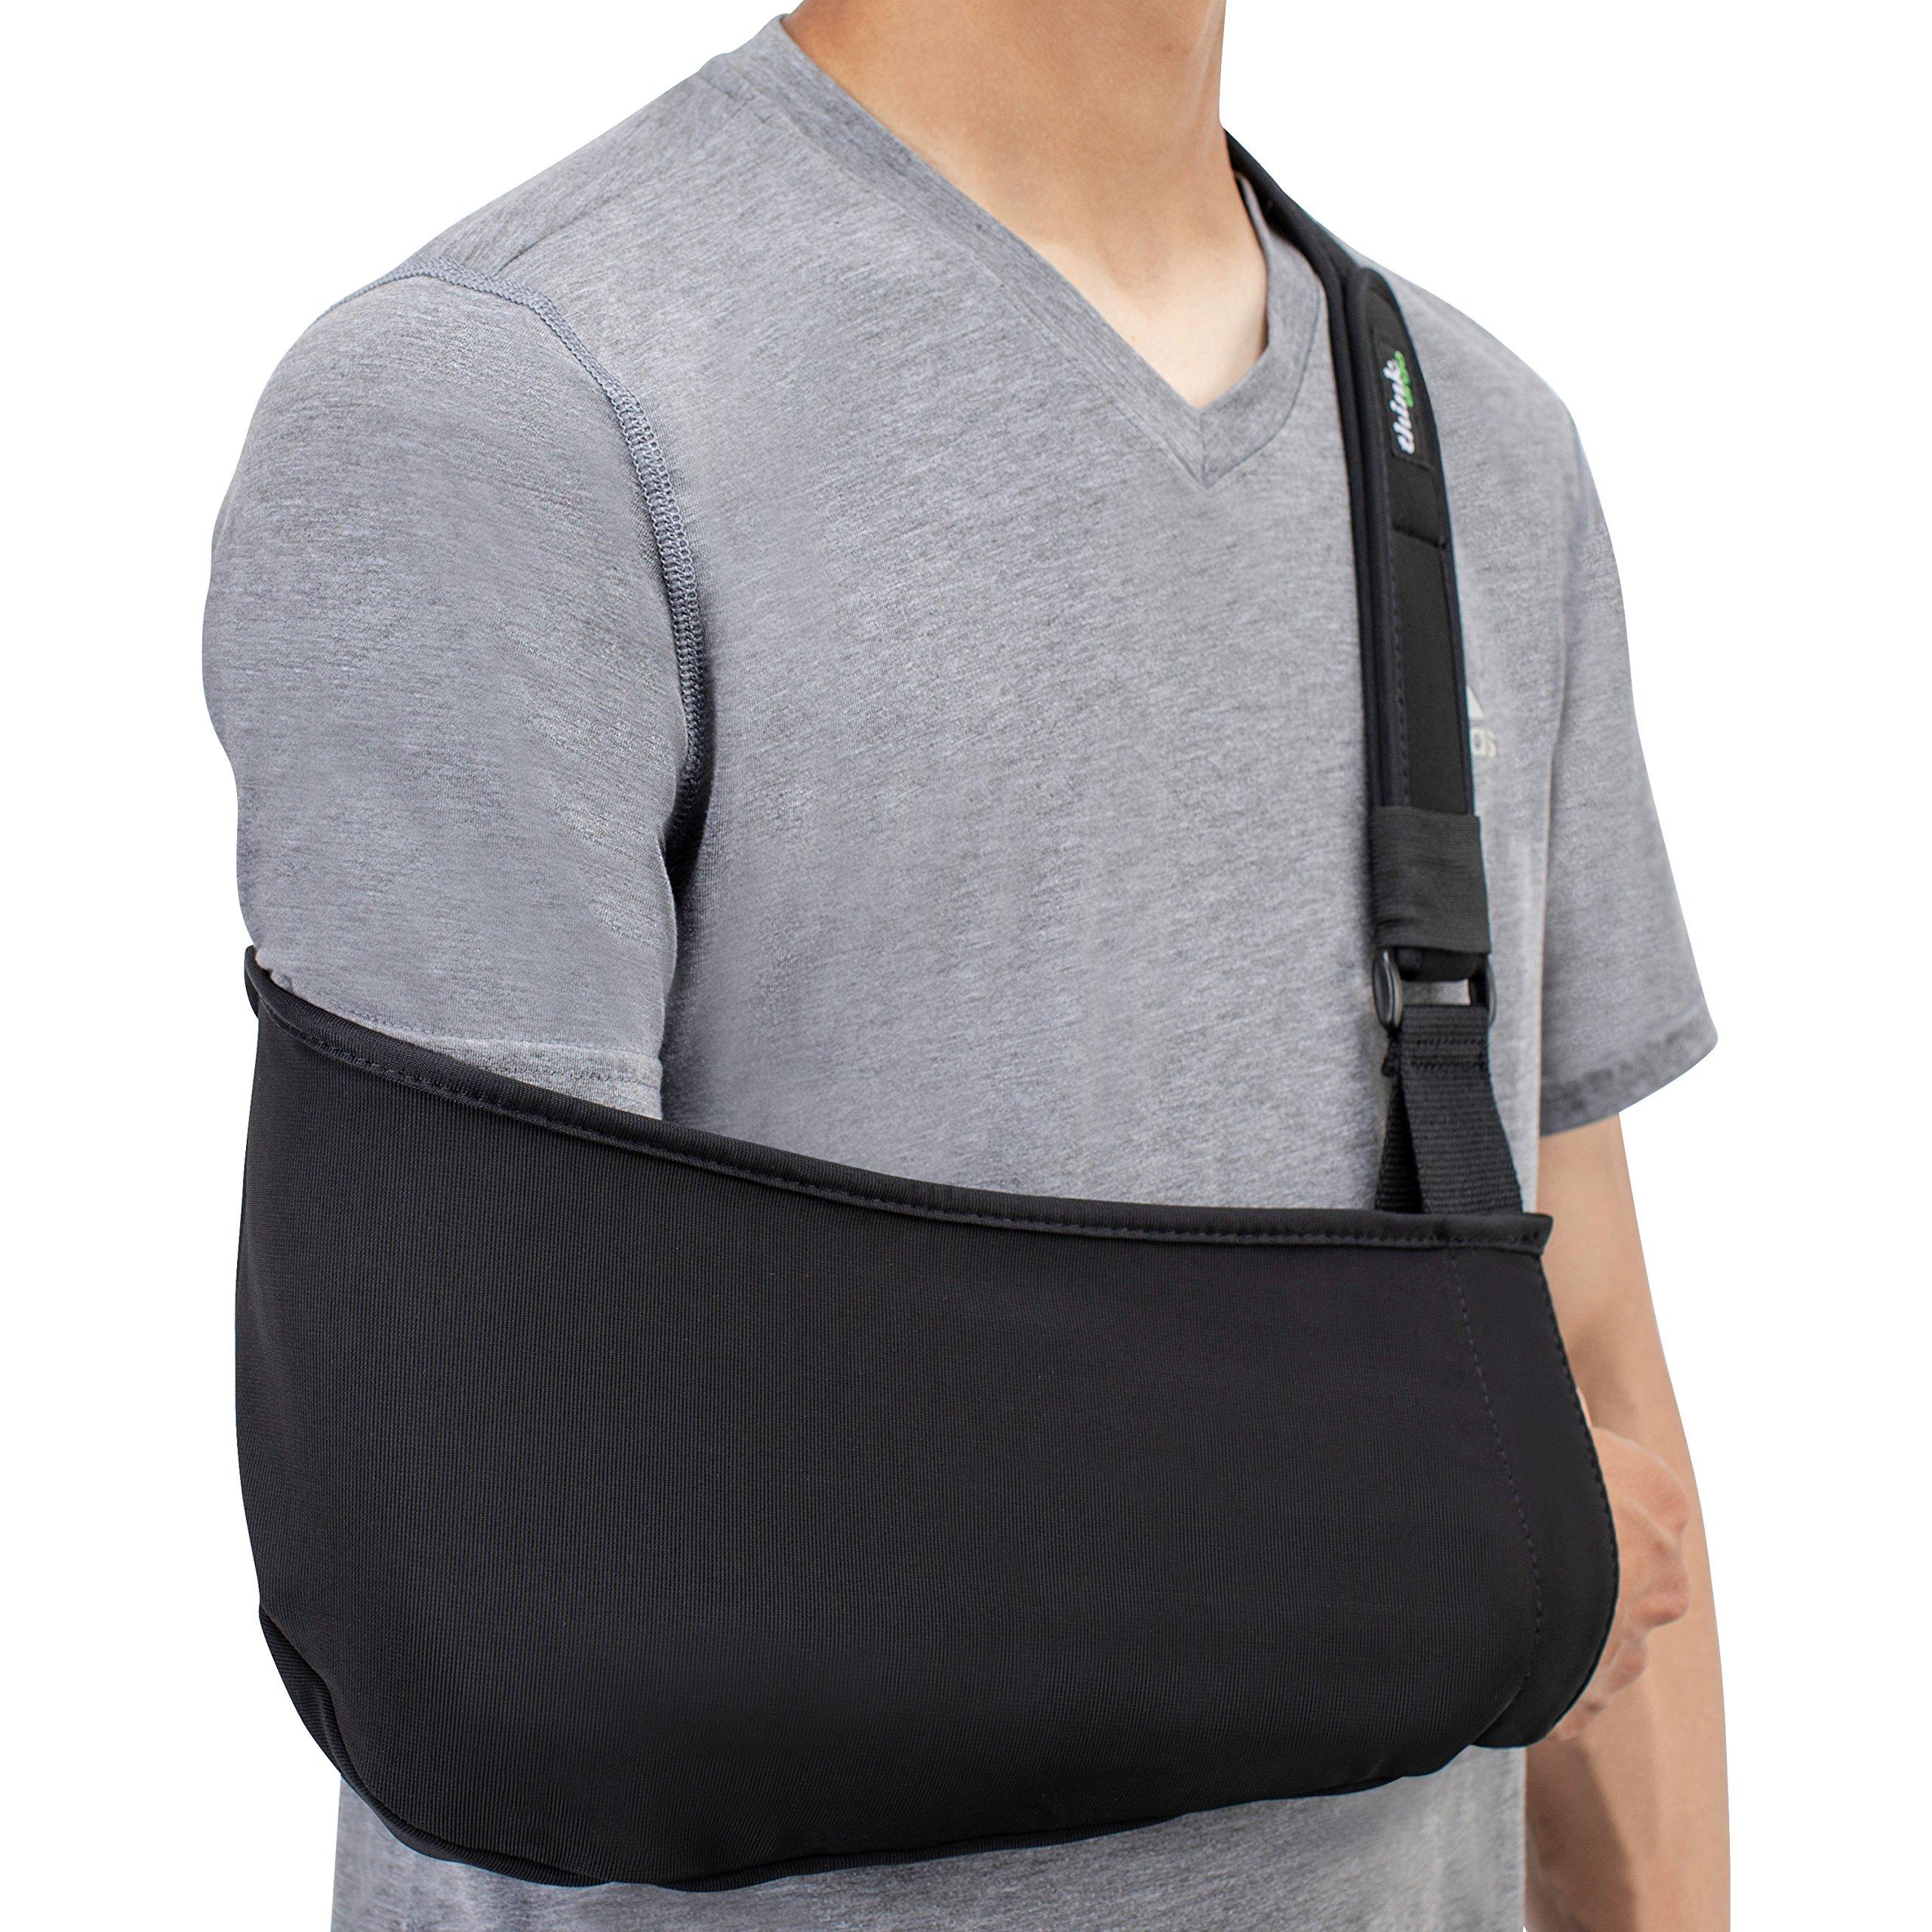 Think Ergo Arm Sling Sport - Lightweight, Breathable, Ergonomically Designed Medical Sling for Broken & Fractured Bones - Adjustable Arm, Shoulder & Rotator Cuff Support (Adult) by Think Ergo (Image #7)